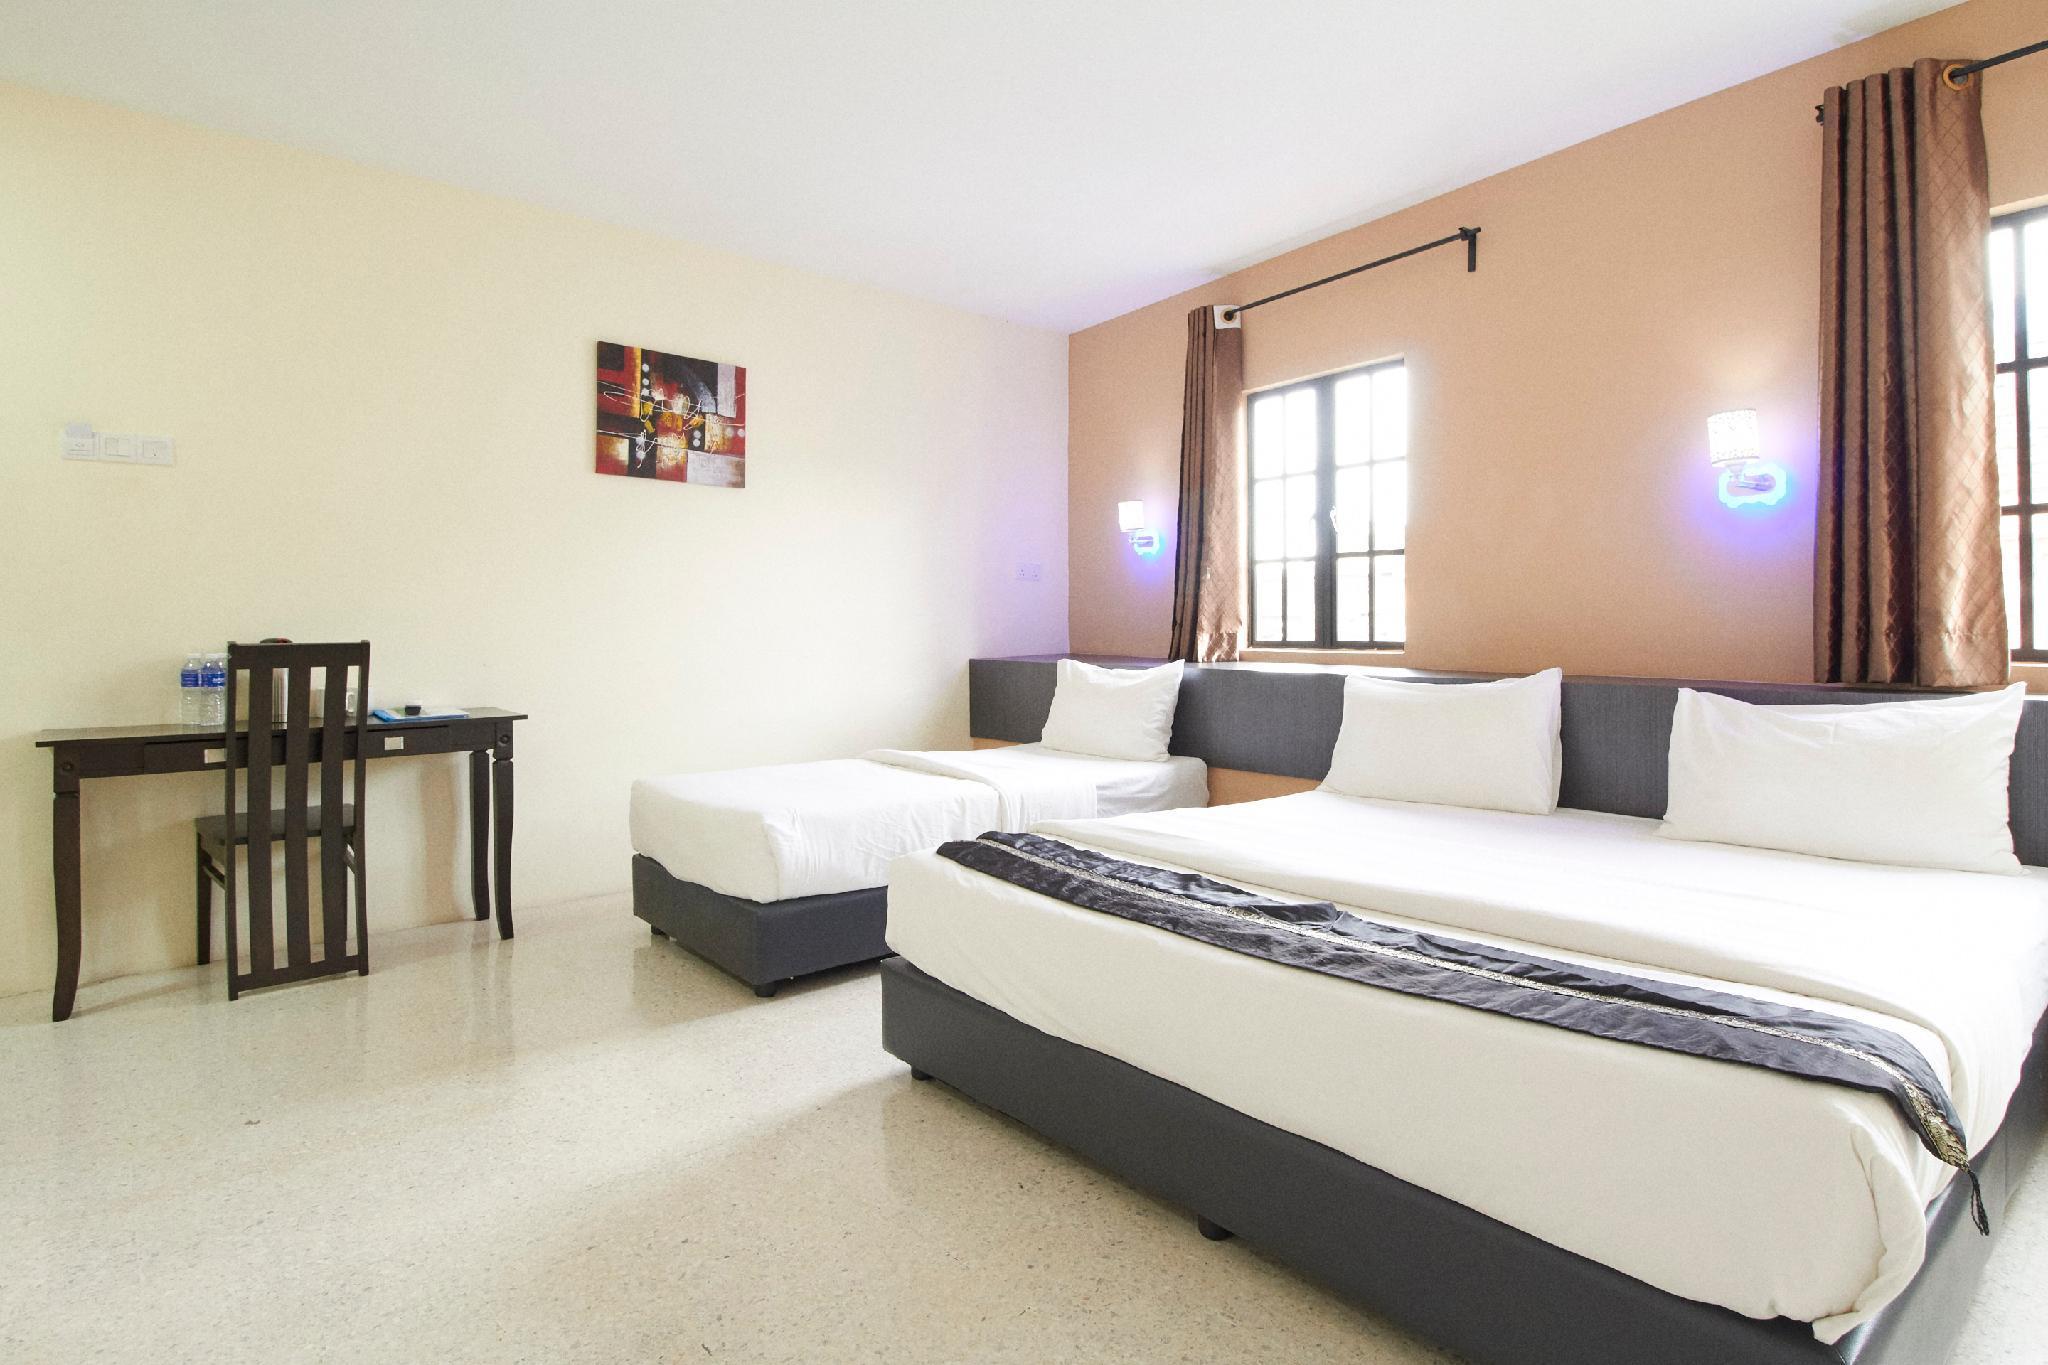 Biz Hotel Klang